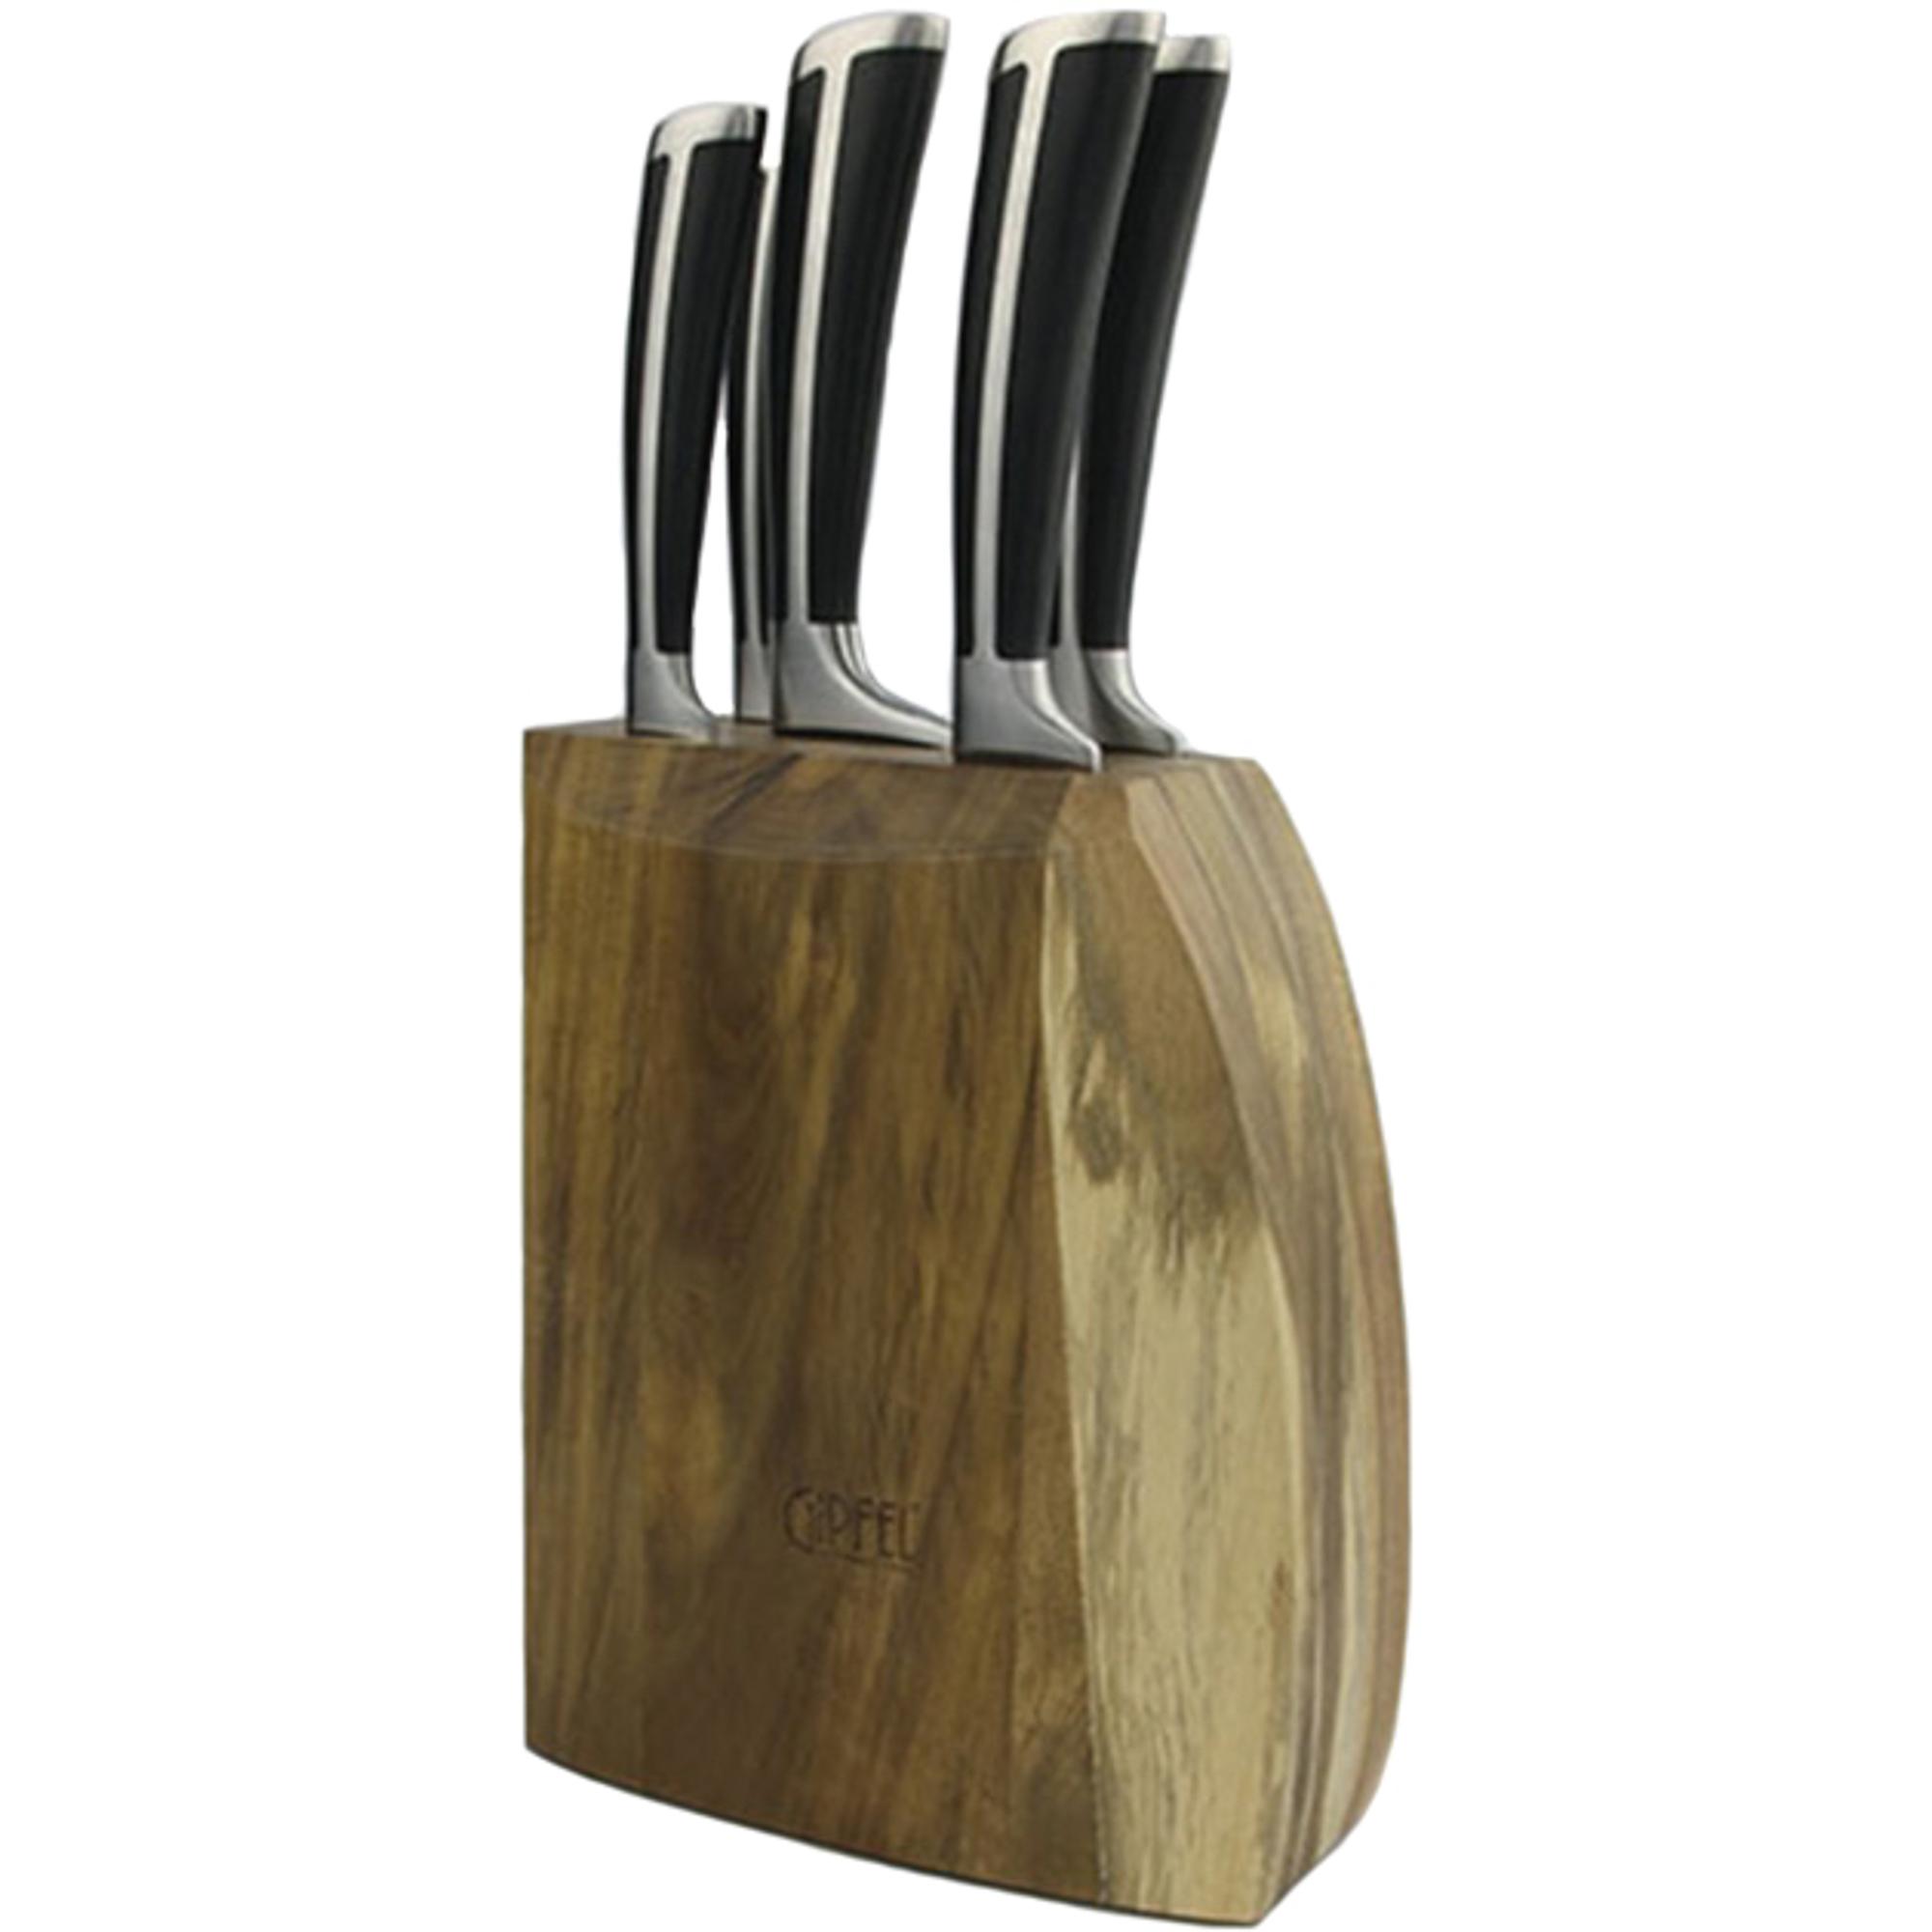 Набор ножей Gipfel woode 6 предметов набор ножей gipfel japanese 3шт